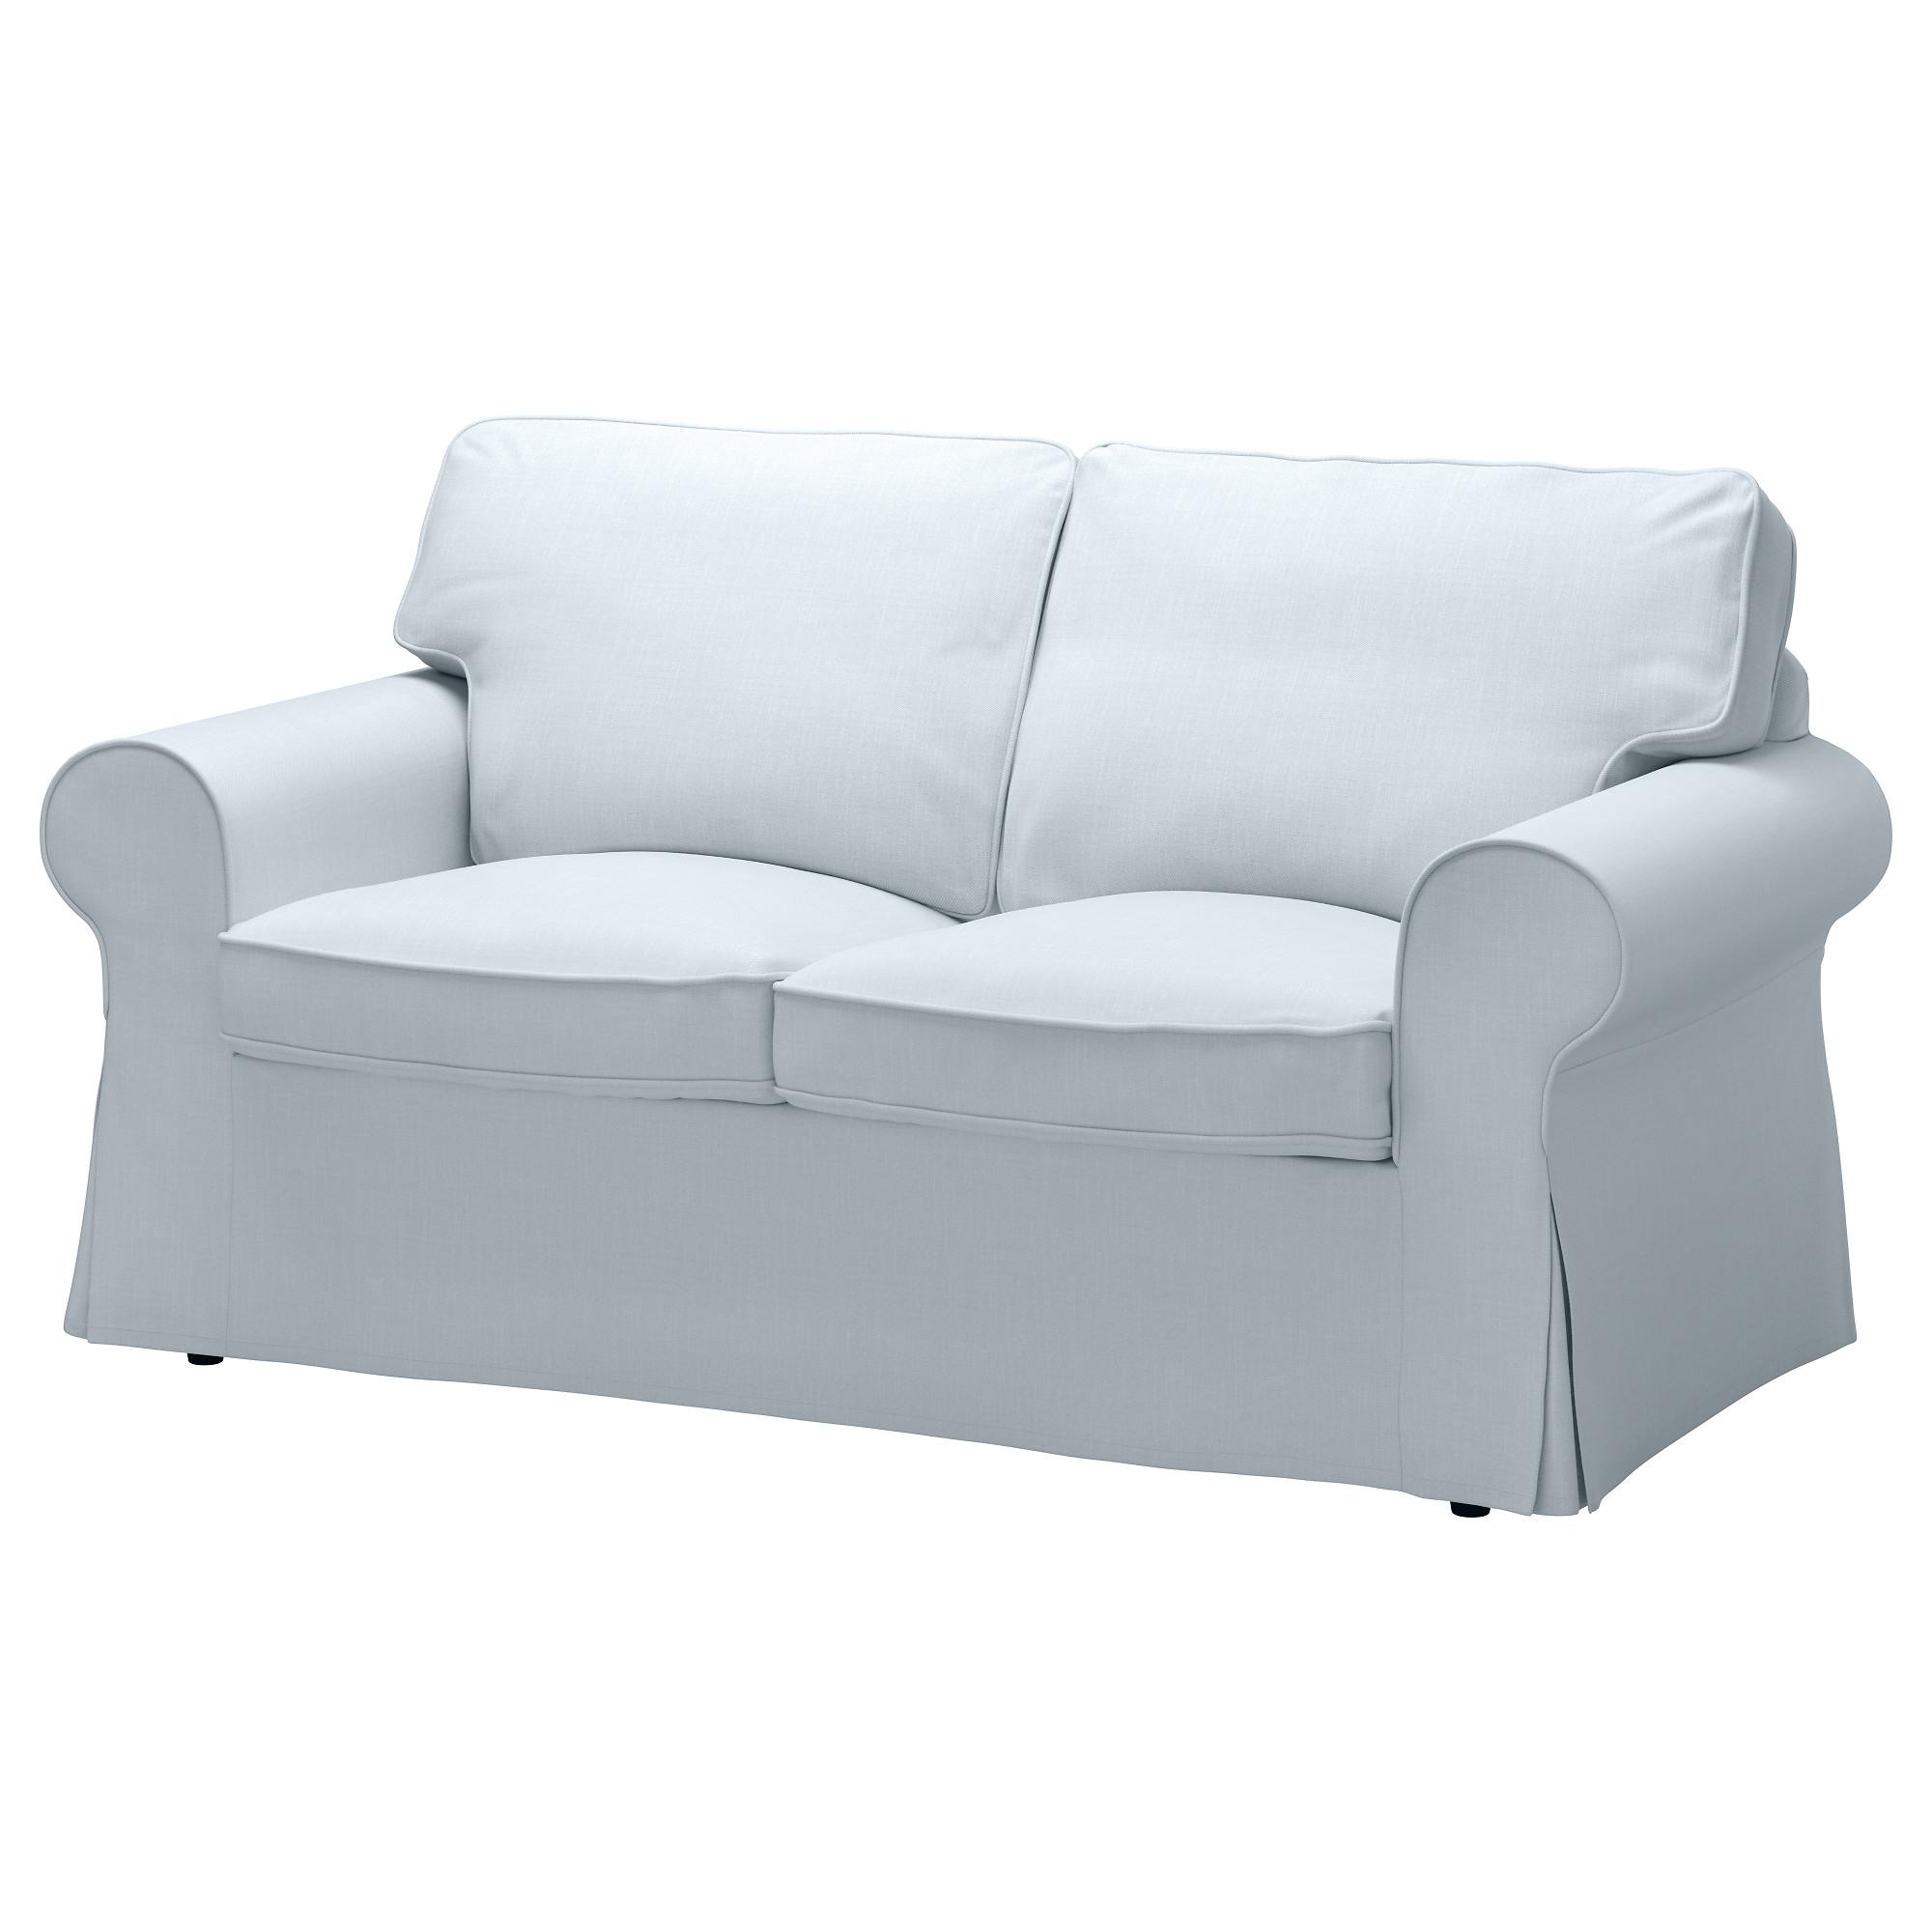 EKTORP Two seat sofa Nordvalla light blue